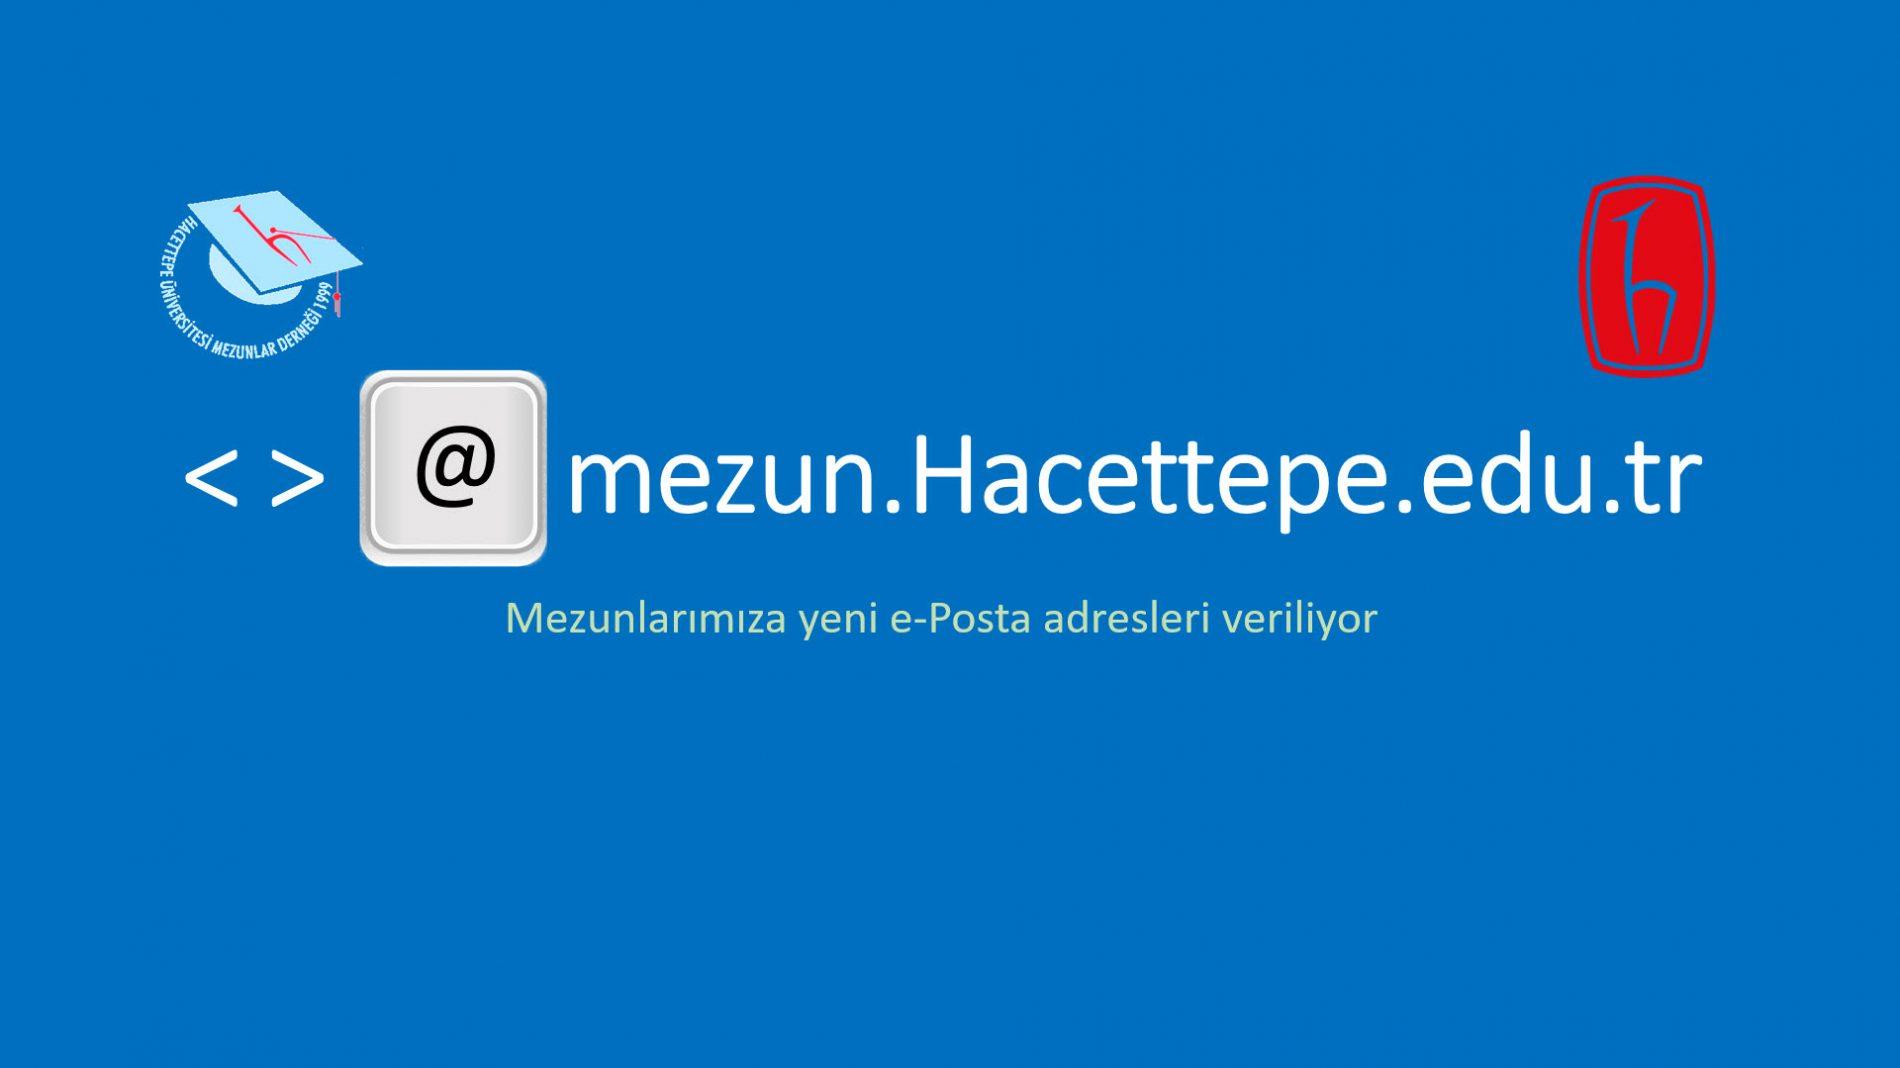 @mezun.Hacettepe.edu.tr uzantılı e-Posta adresinizi aldınız mı?